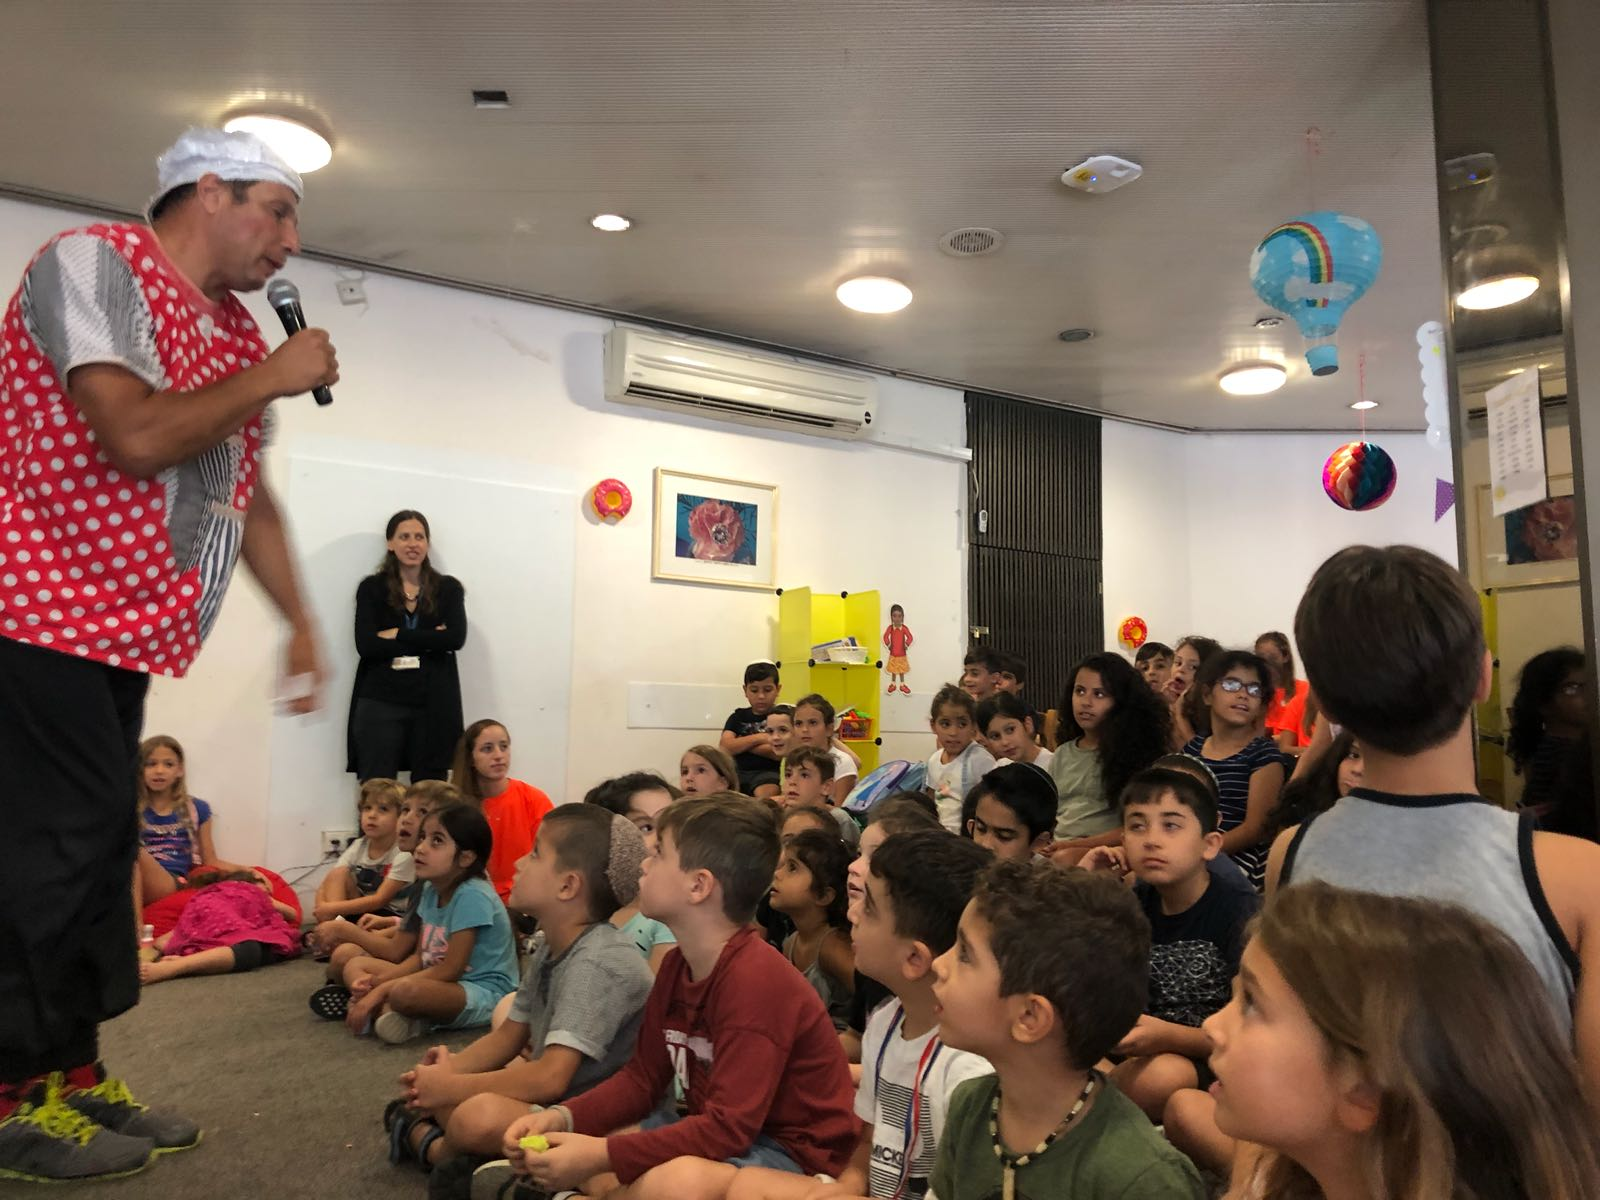 גלרייה - קייטנת ילדי הבורסה 17-31.08.2018 תמונה 30 מתוך 31